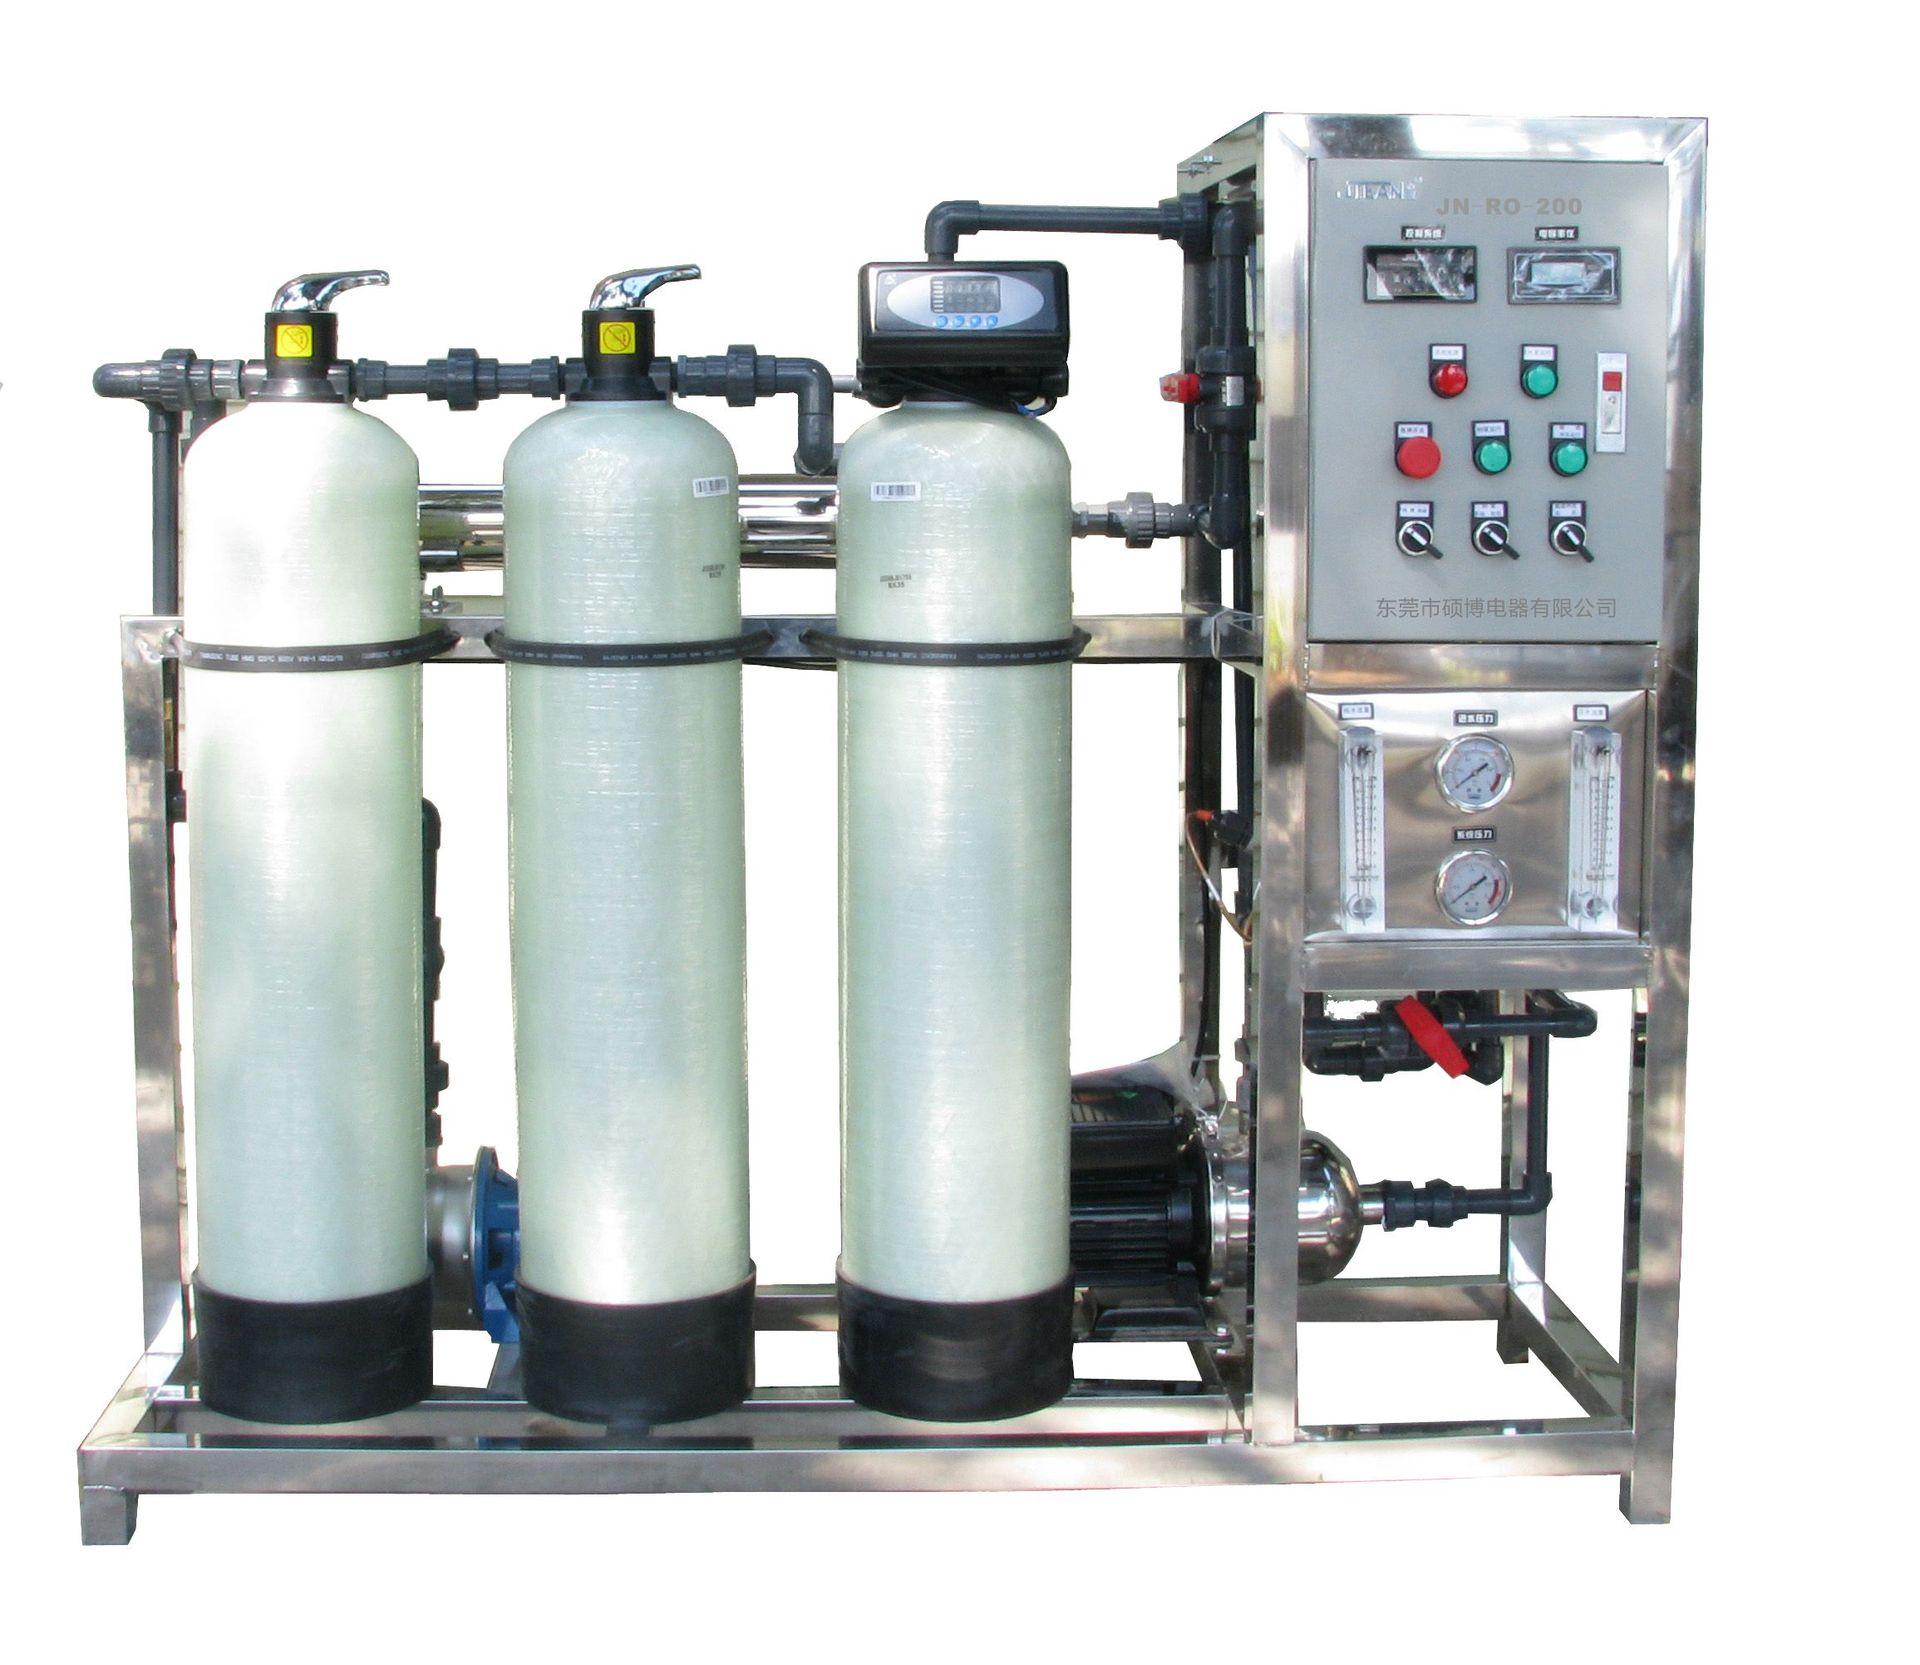 商用纯水机净水器反渗透纯水设备水处理工厂